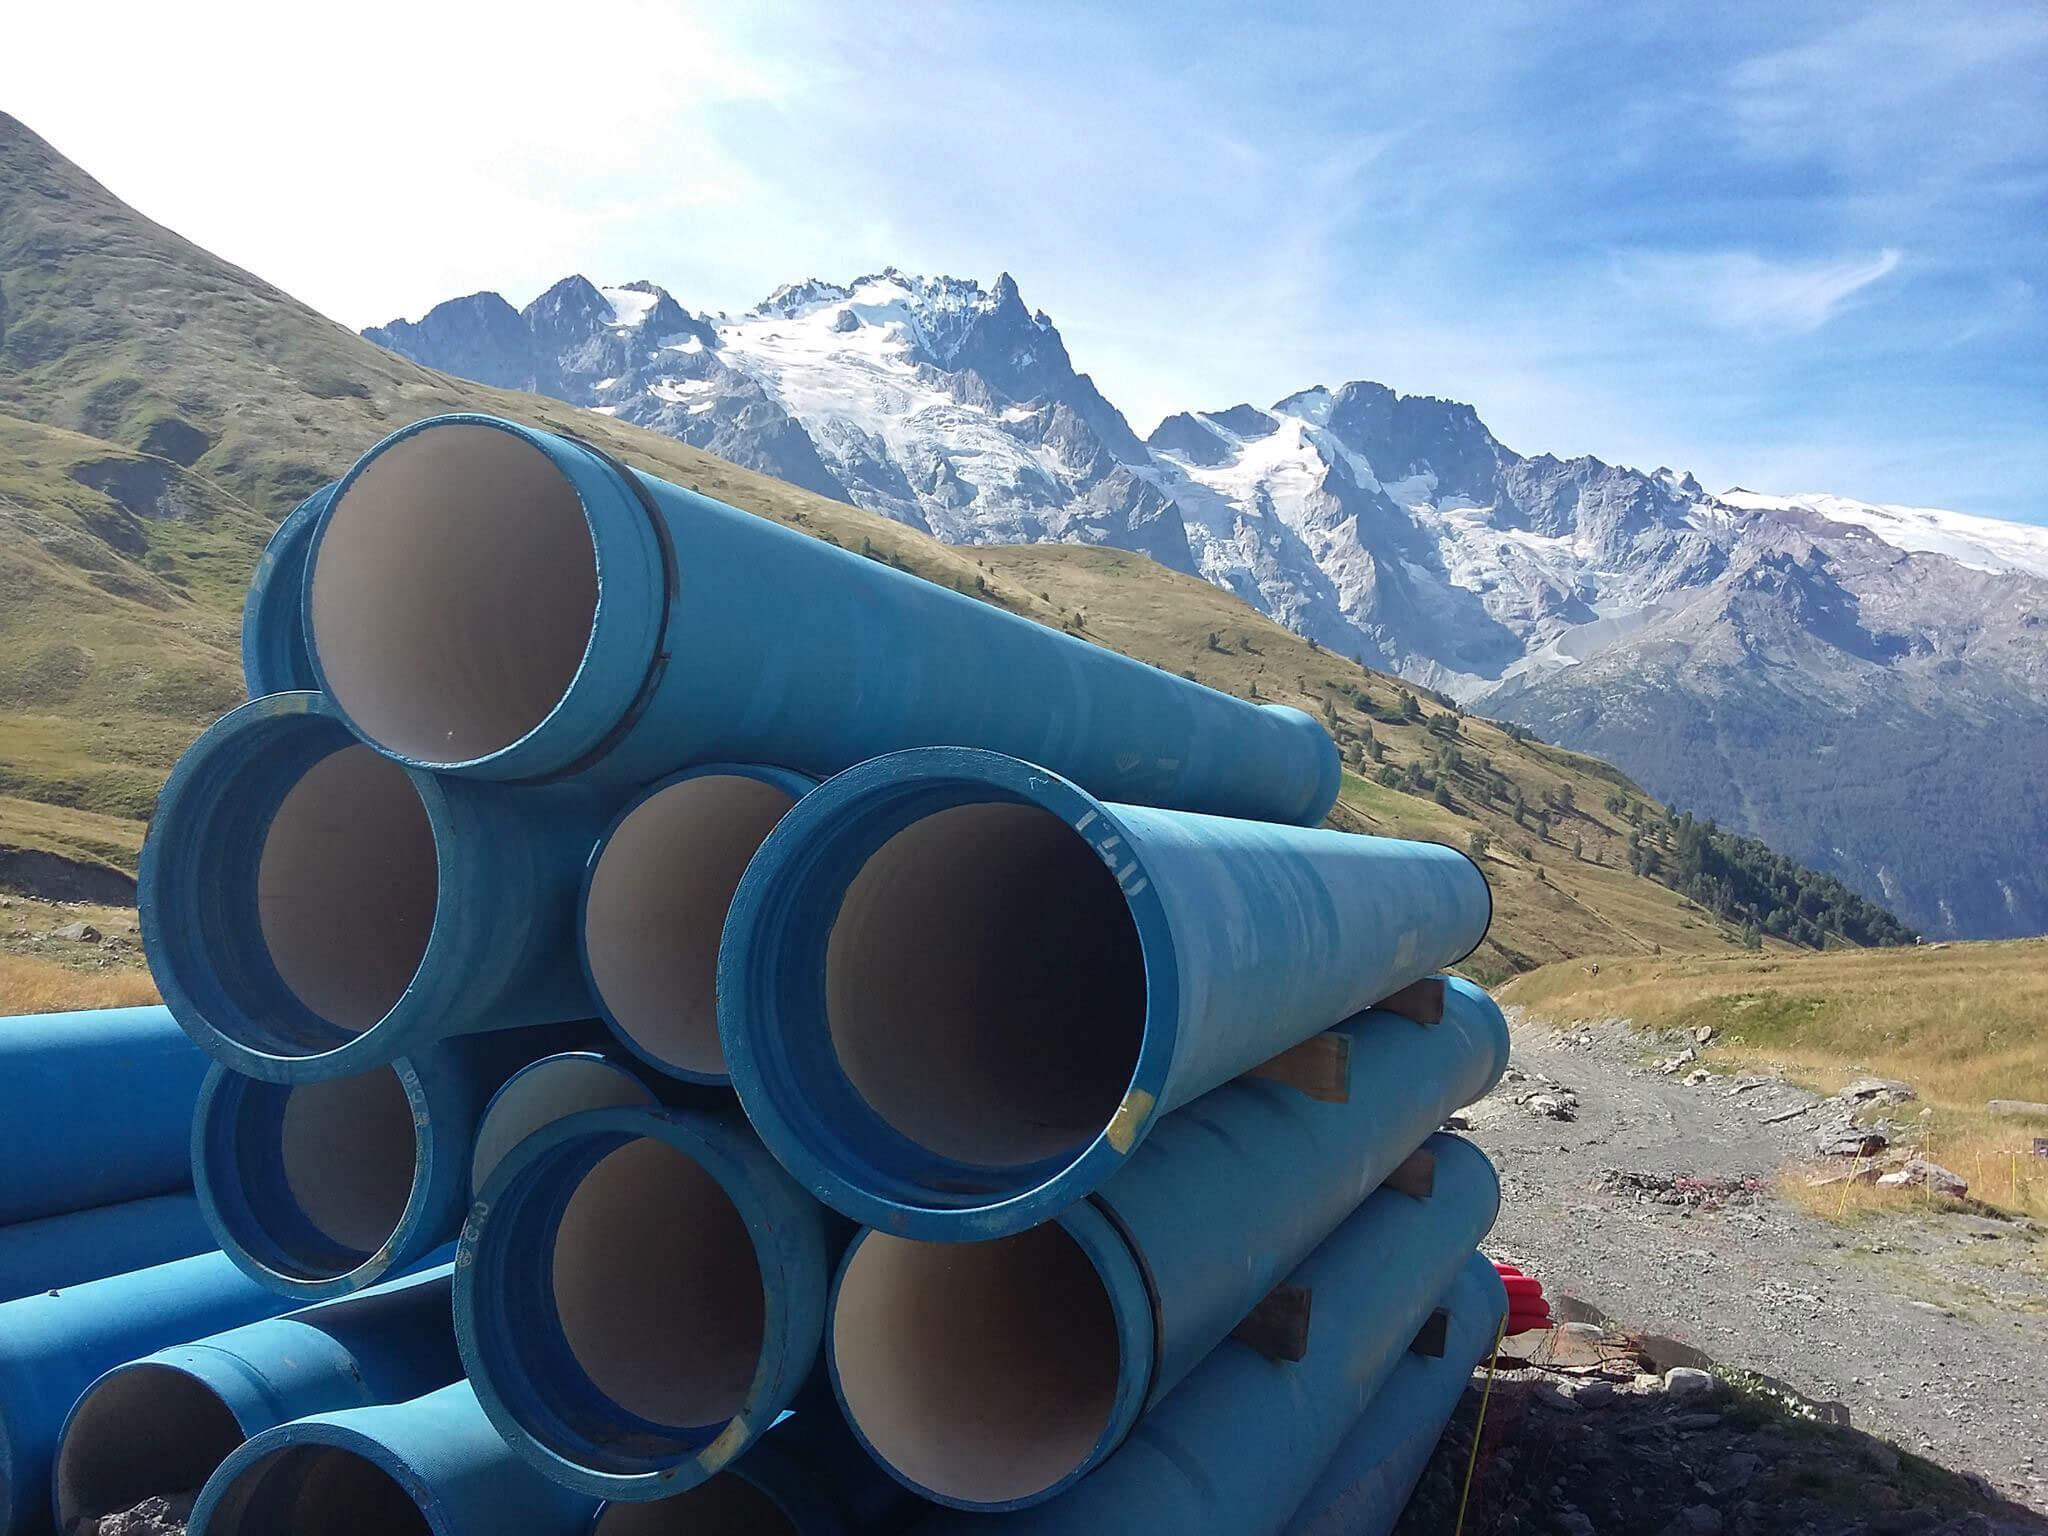 Conduite d'eau potable dans les alpes.